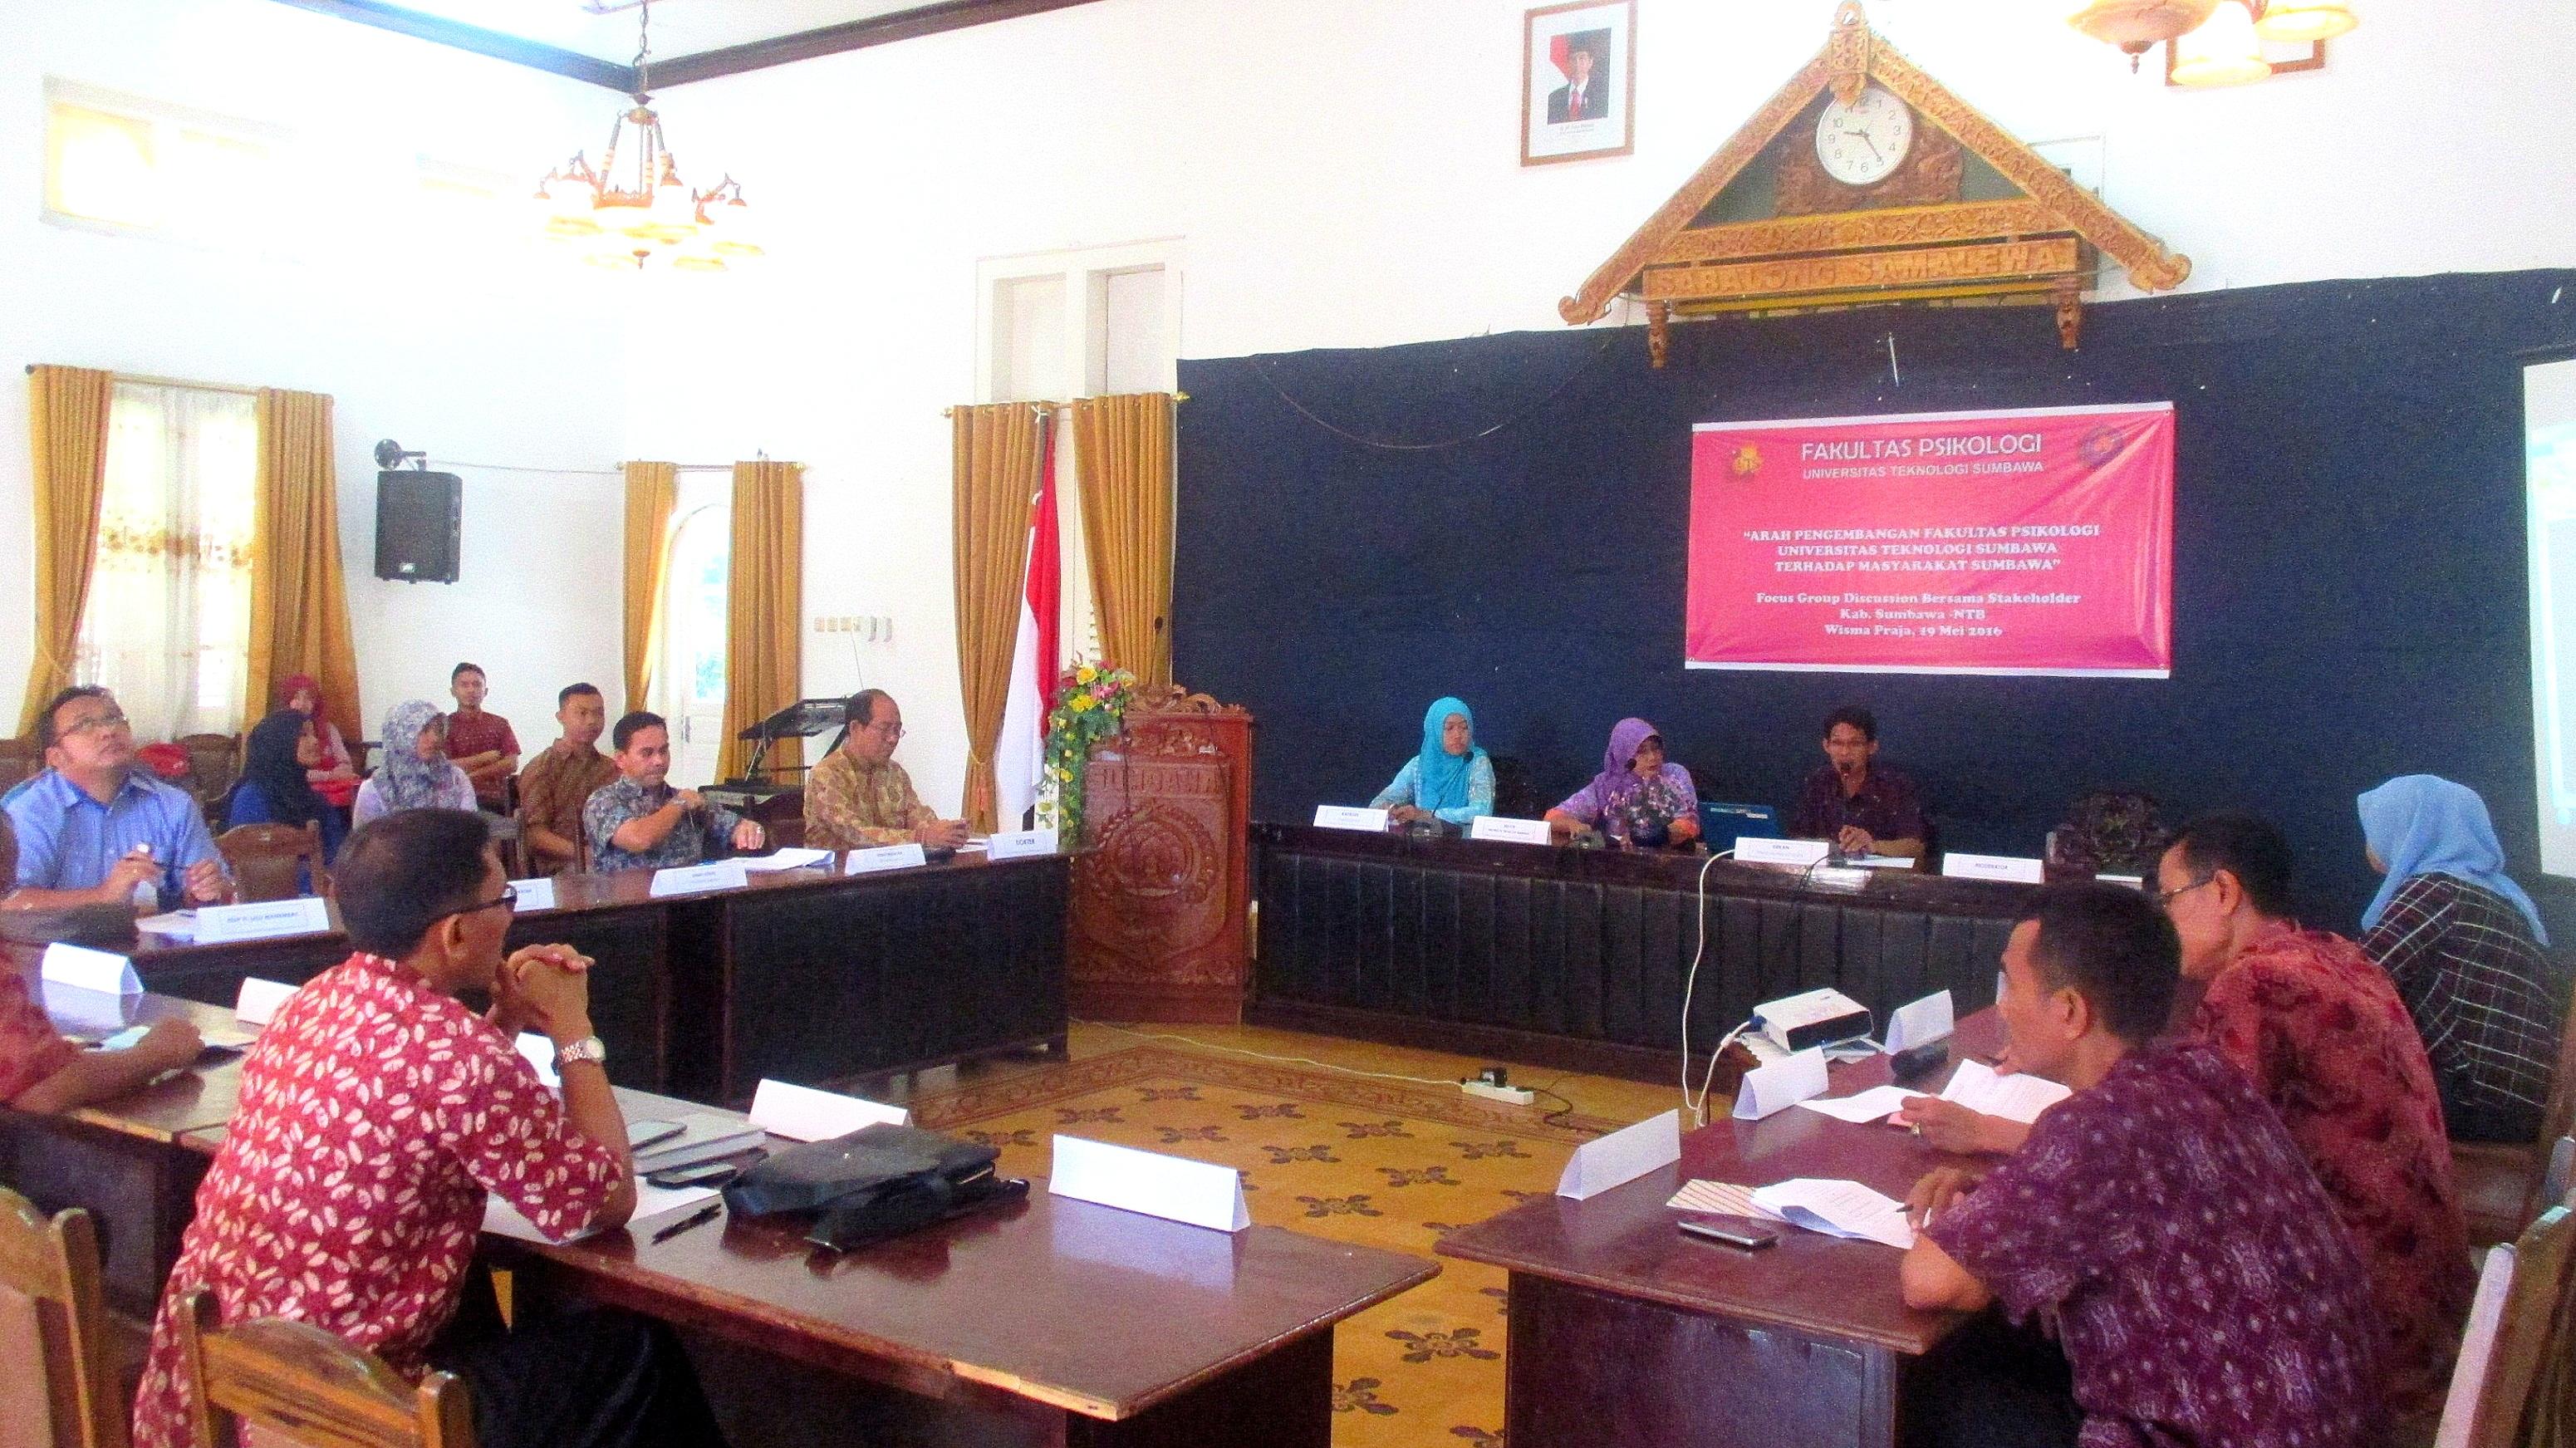 Sosialisasikan Visi dan Misi, Fakultas Psikologi UTS Gelar Focus Group Discussion